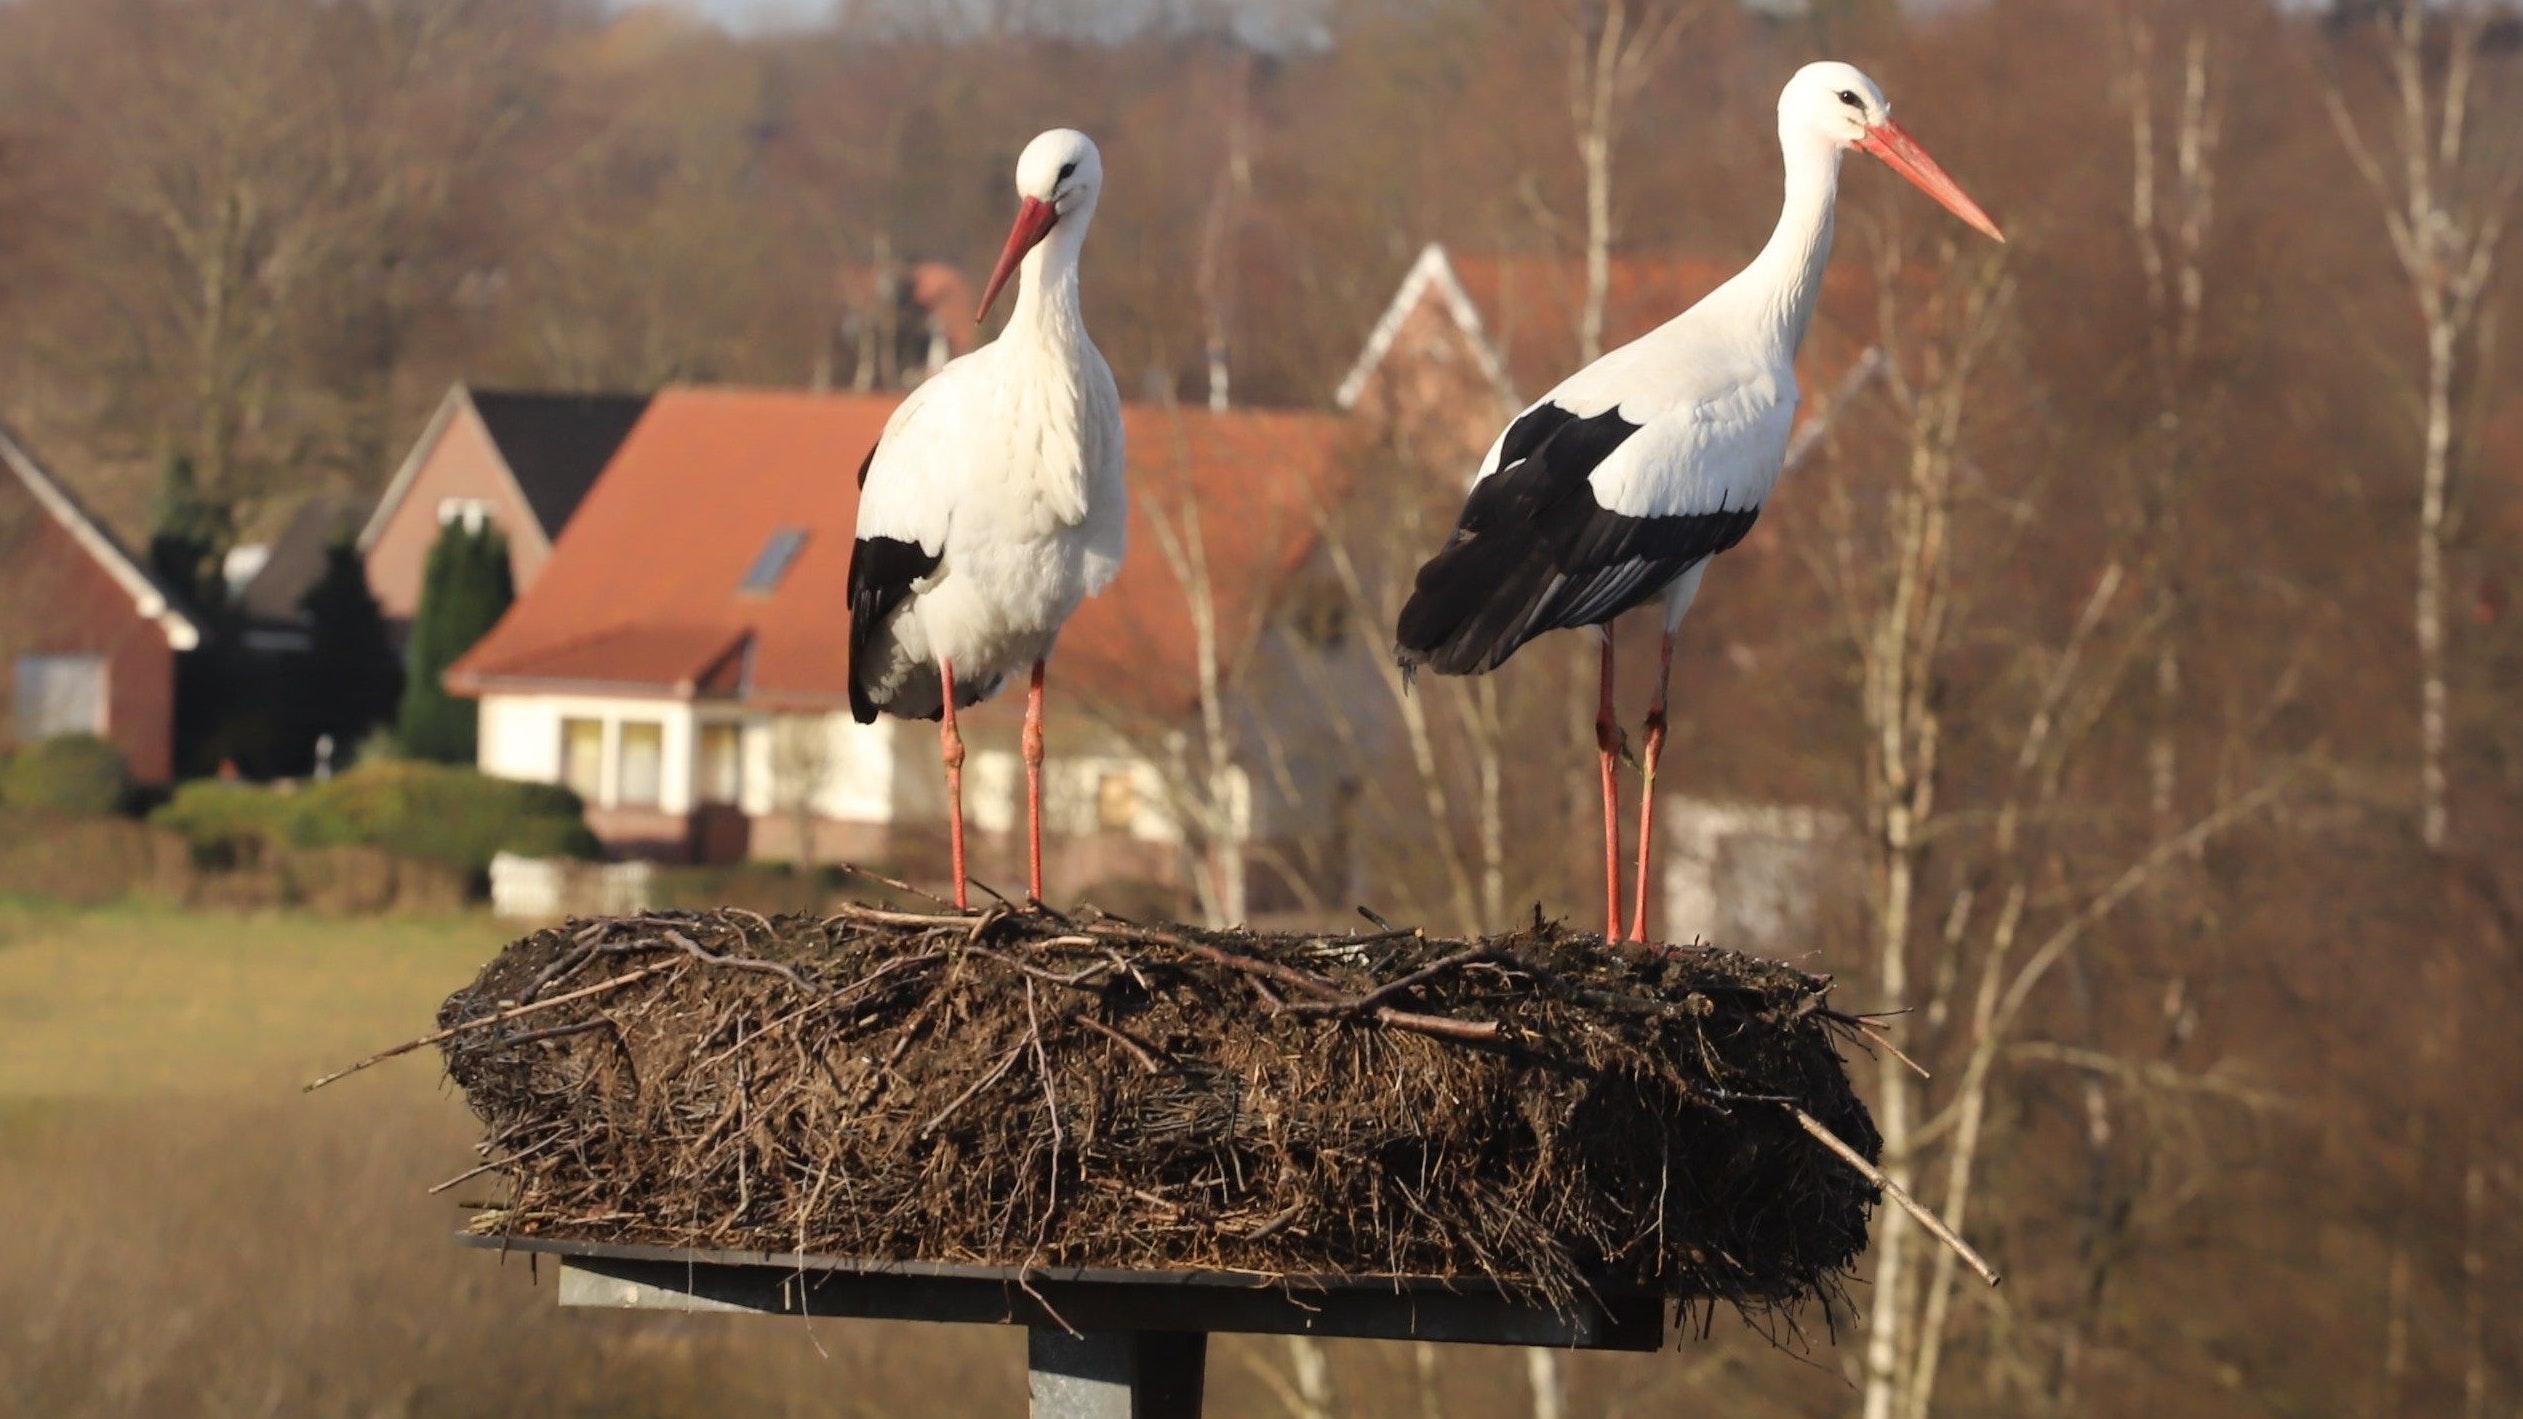 Natur: Die Altstörche könnten aus Nahrungsmangel ihren Nachwuchs verspeist haben. Foto: C. Passmann